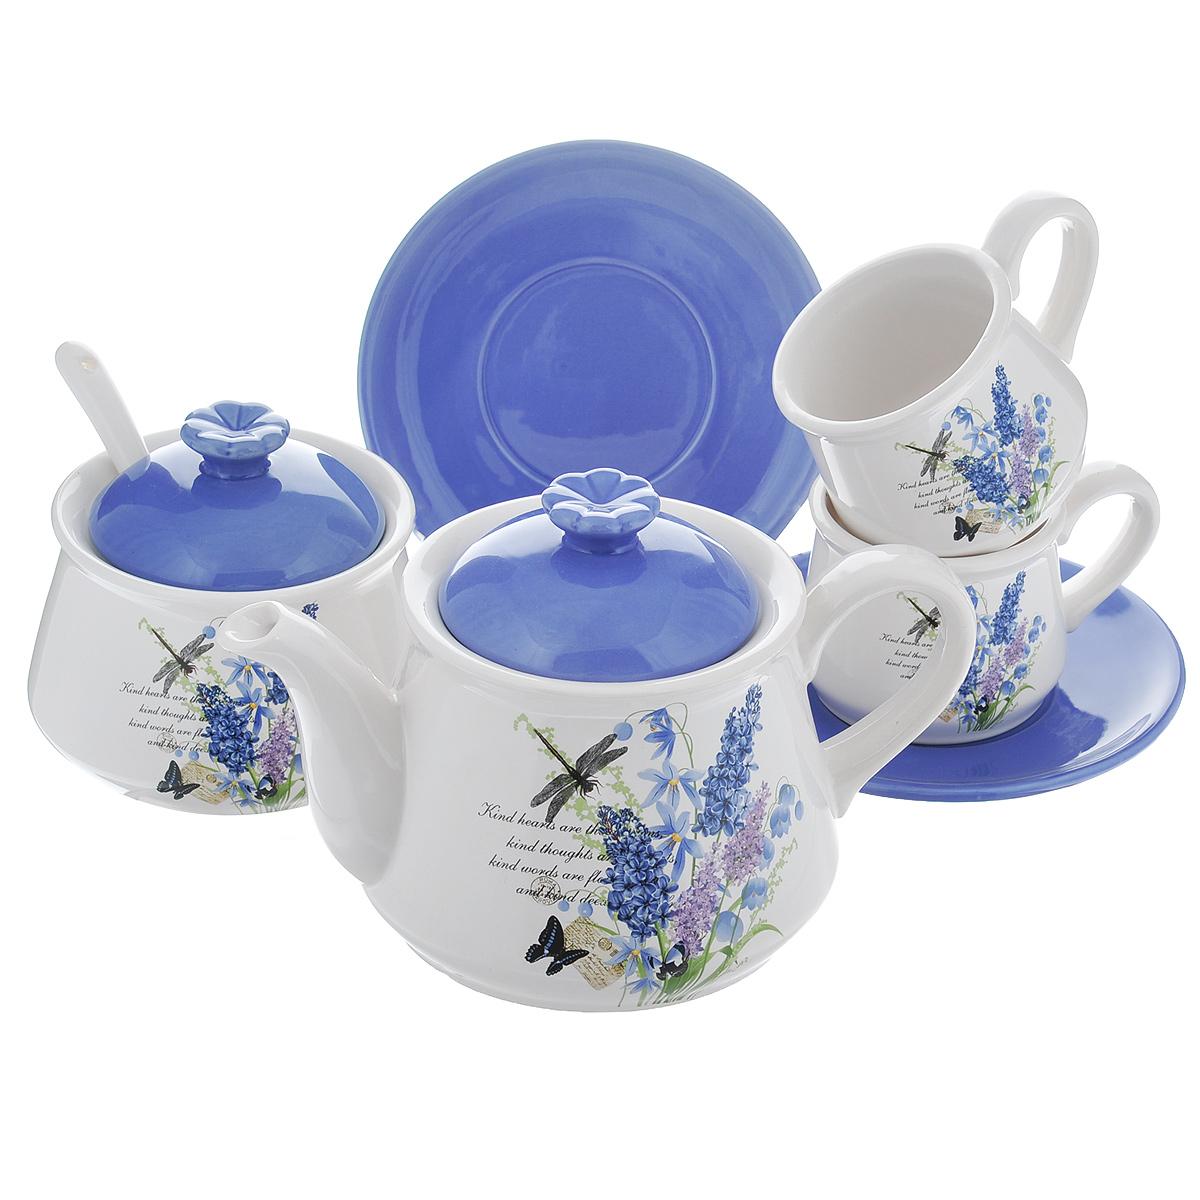 Набор чайный Полевые цветы, 7 предметовDFC01550/553/549-02252 7/SНабор чайный Полевые цветы состоит из двух чашек, двух блюдец, заварочного чайника, сахарницы и ложечки. Набор выполнен из доломитовой керамики и декорирован изображением цветов. Оригинальный дизайн, эстетичность и функциональность набора позволят ему стать достойным дополнением к кухонному инвентарю. Можно мыть в посудомоечной машине на минимальной температуре.